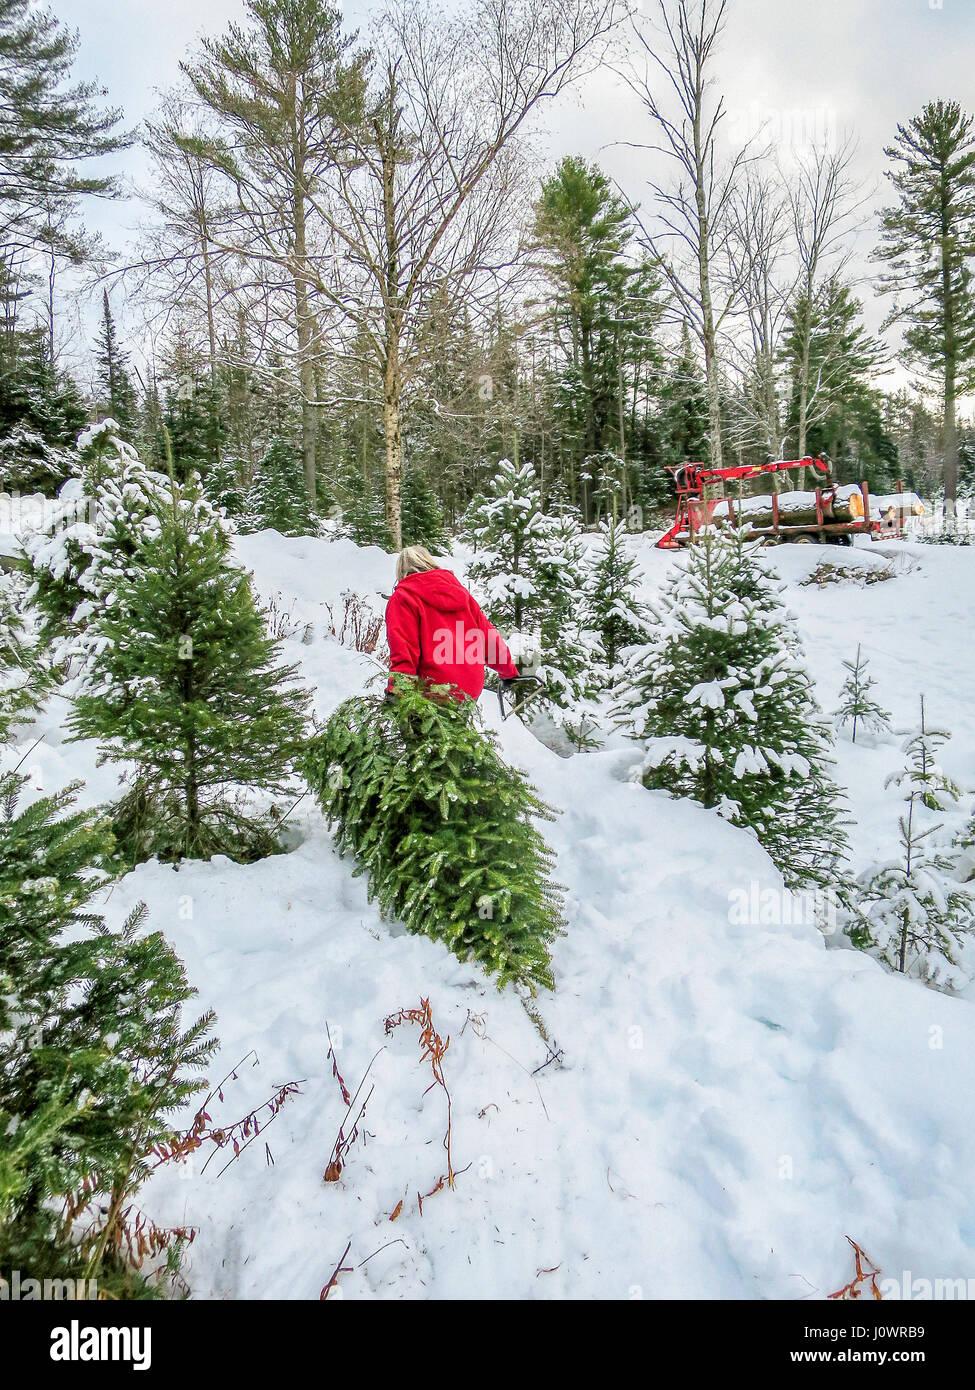 Una mujer en un rojo brillante Chaqueta invierno arrastra su árbol de Navidad cortar a través de la profundidad de la nieve en una granja de árboles de Navidad en el norte de New Hampshire, Estados Unidos. Foto de stock